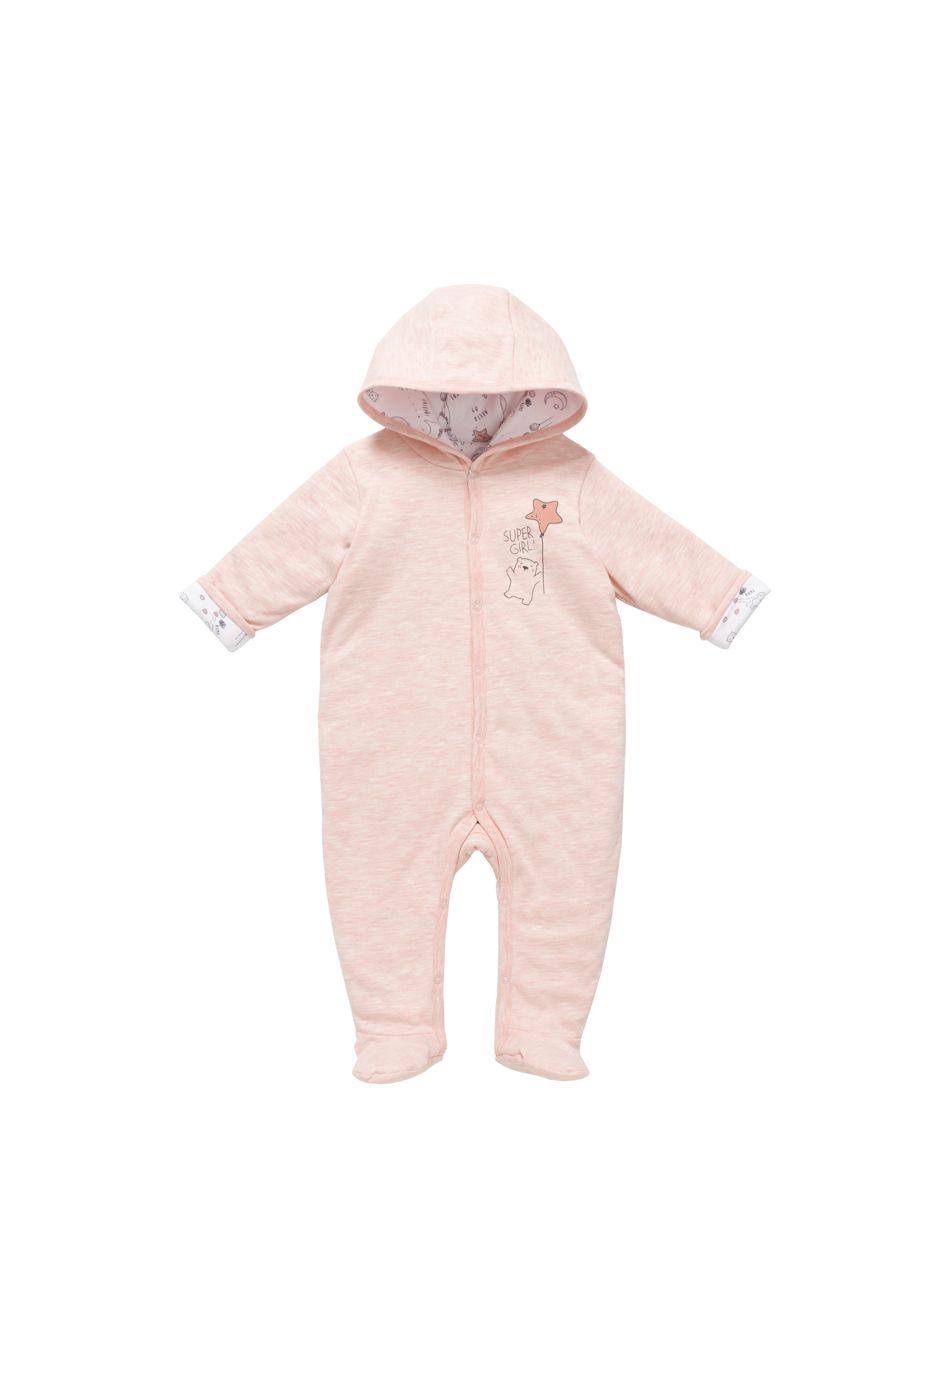 Купить AK-232D, Комбинезон утепленный детский artie, цв. розовый, р-р 74, Слипы для новорожденных